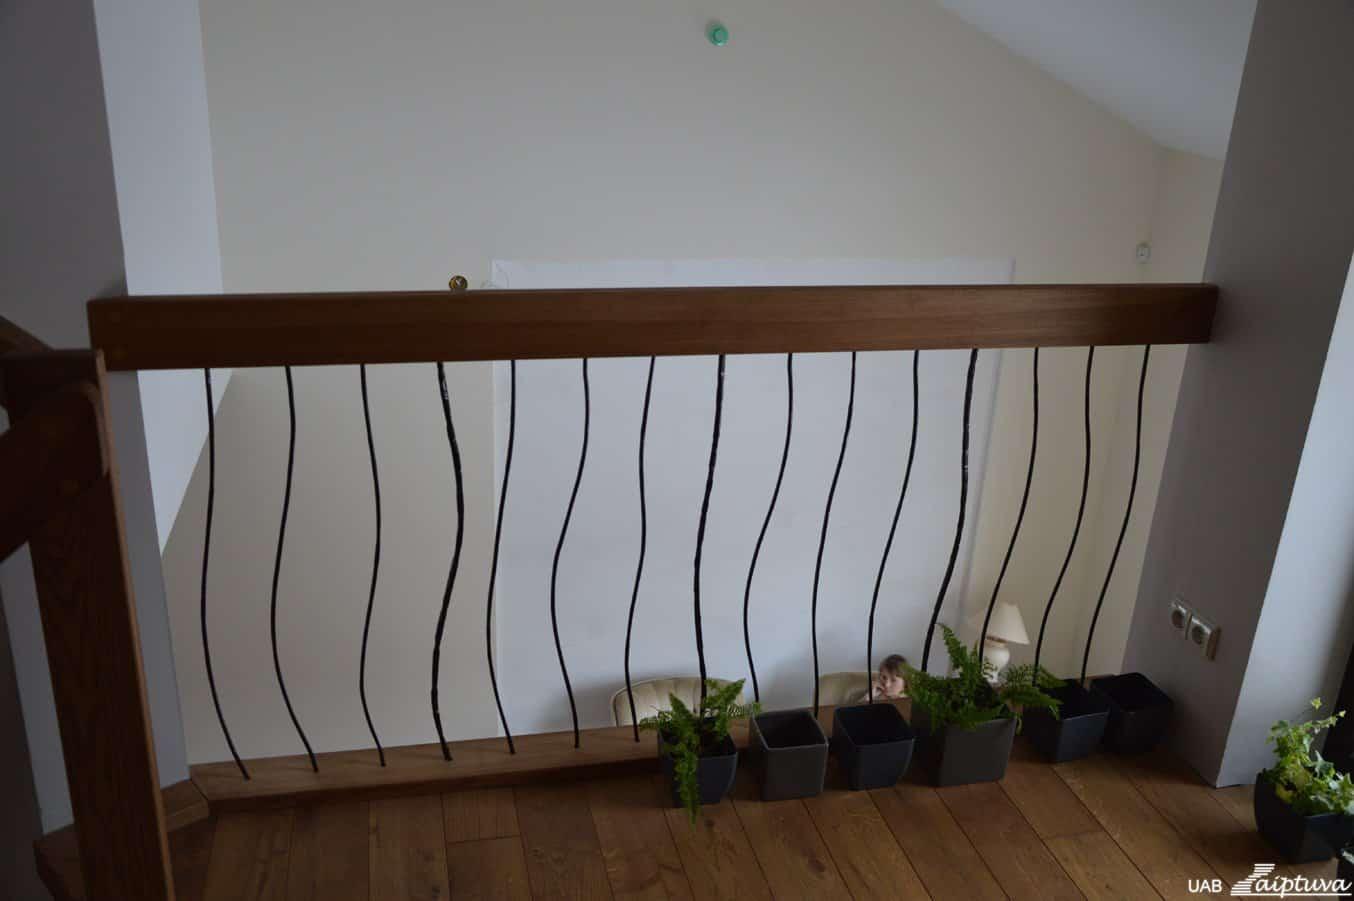 Sraigtiniai laiptai S2-4